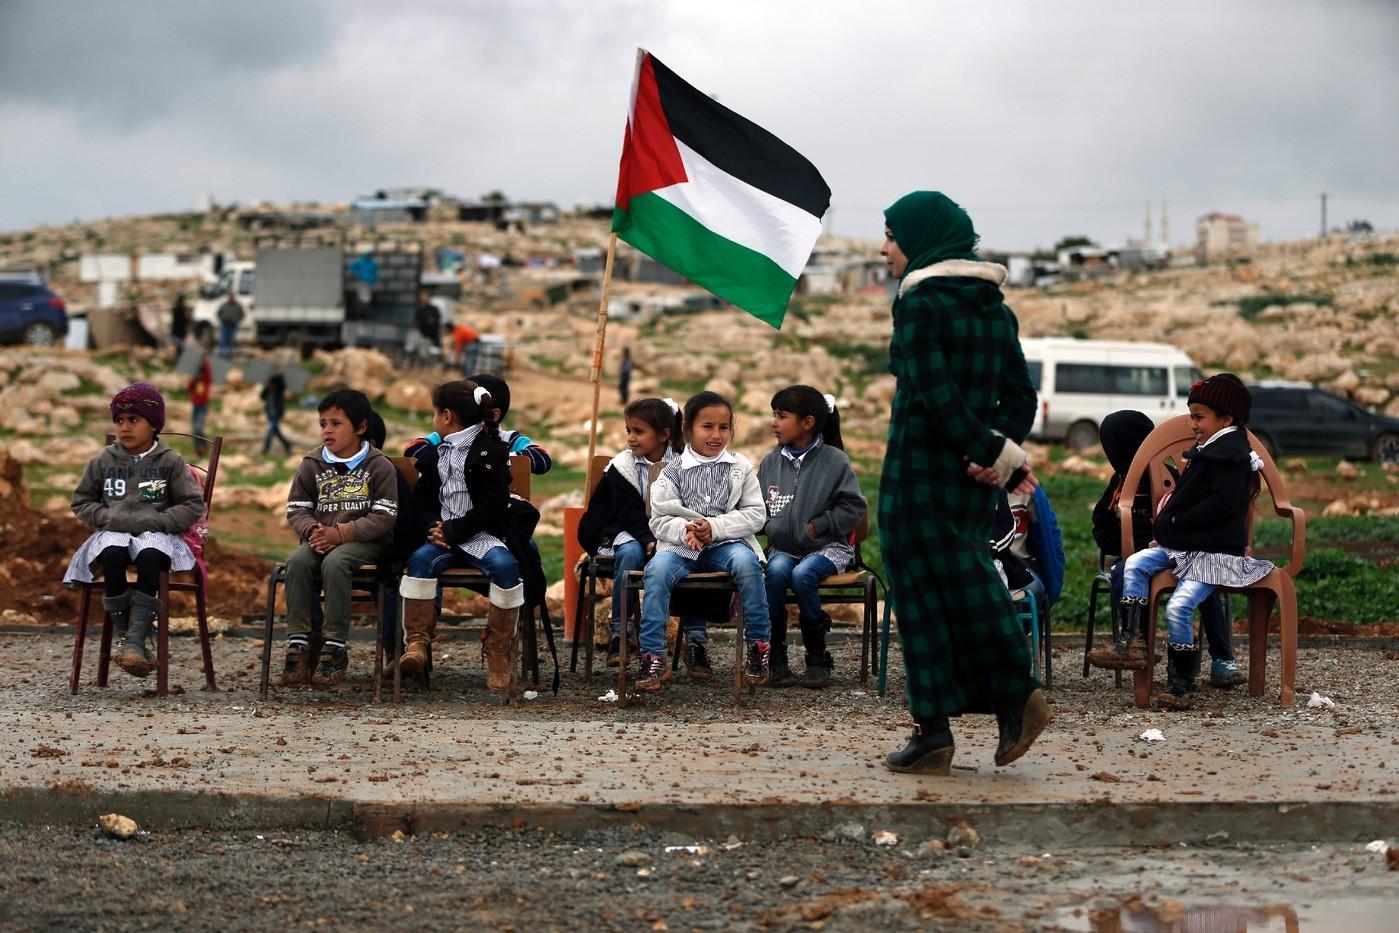 les-enfants-palestiniens-campement-bedouin-abou-nouwar-suivent-leurs-cours-plein-23-fevrier-2016-apres-destruction-leur-ecole-israel_1_1400_933.jpg